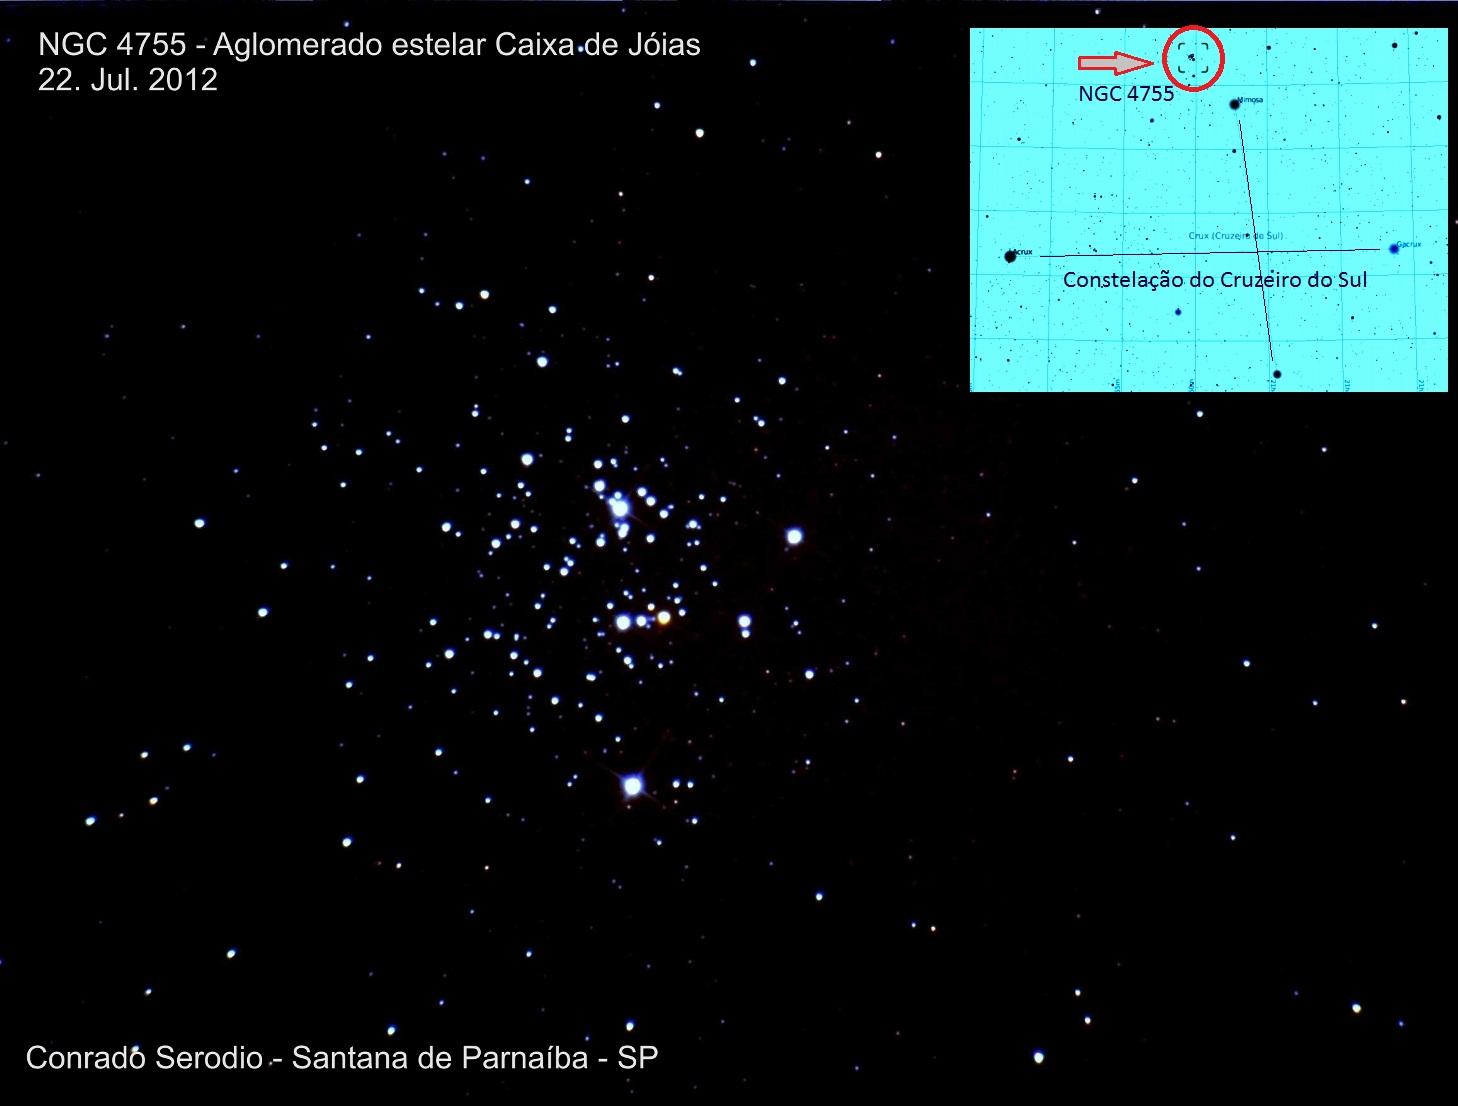 Aglomerado estelar Caixa de Jóias